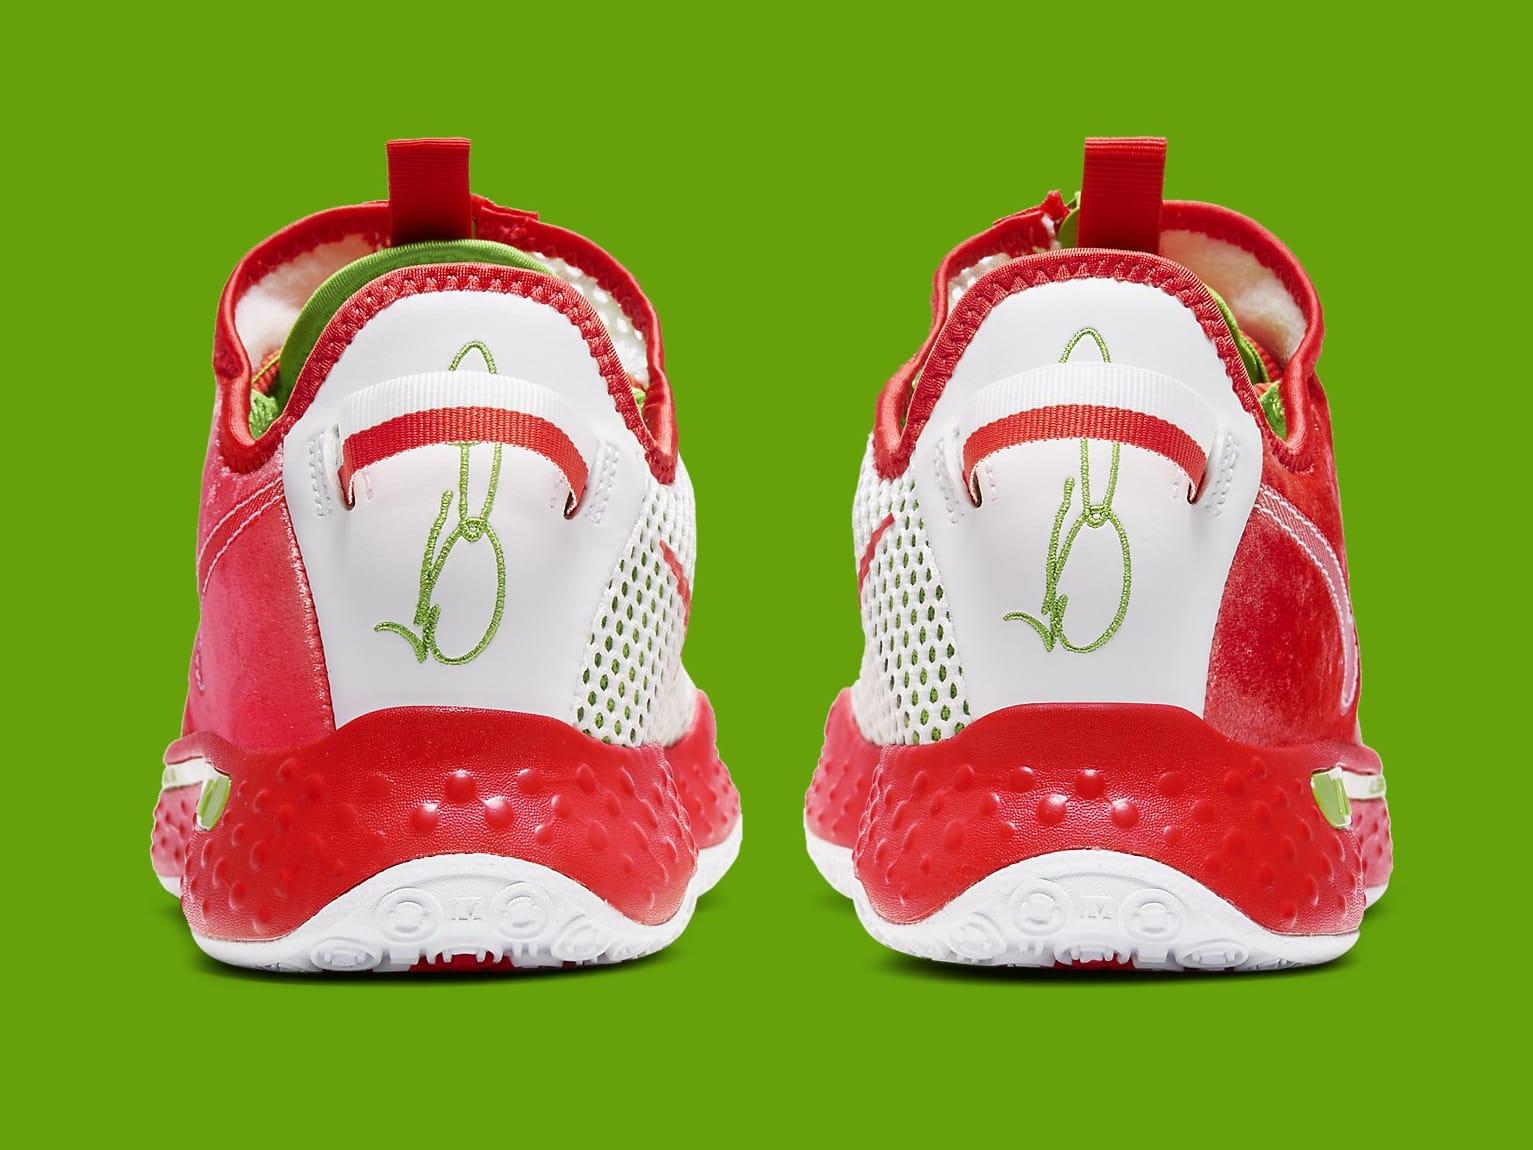 Nike PG 4 Christmas Release Date CD5082-602 Heel